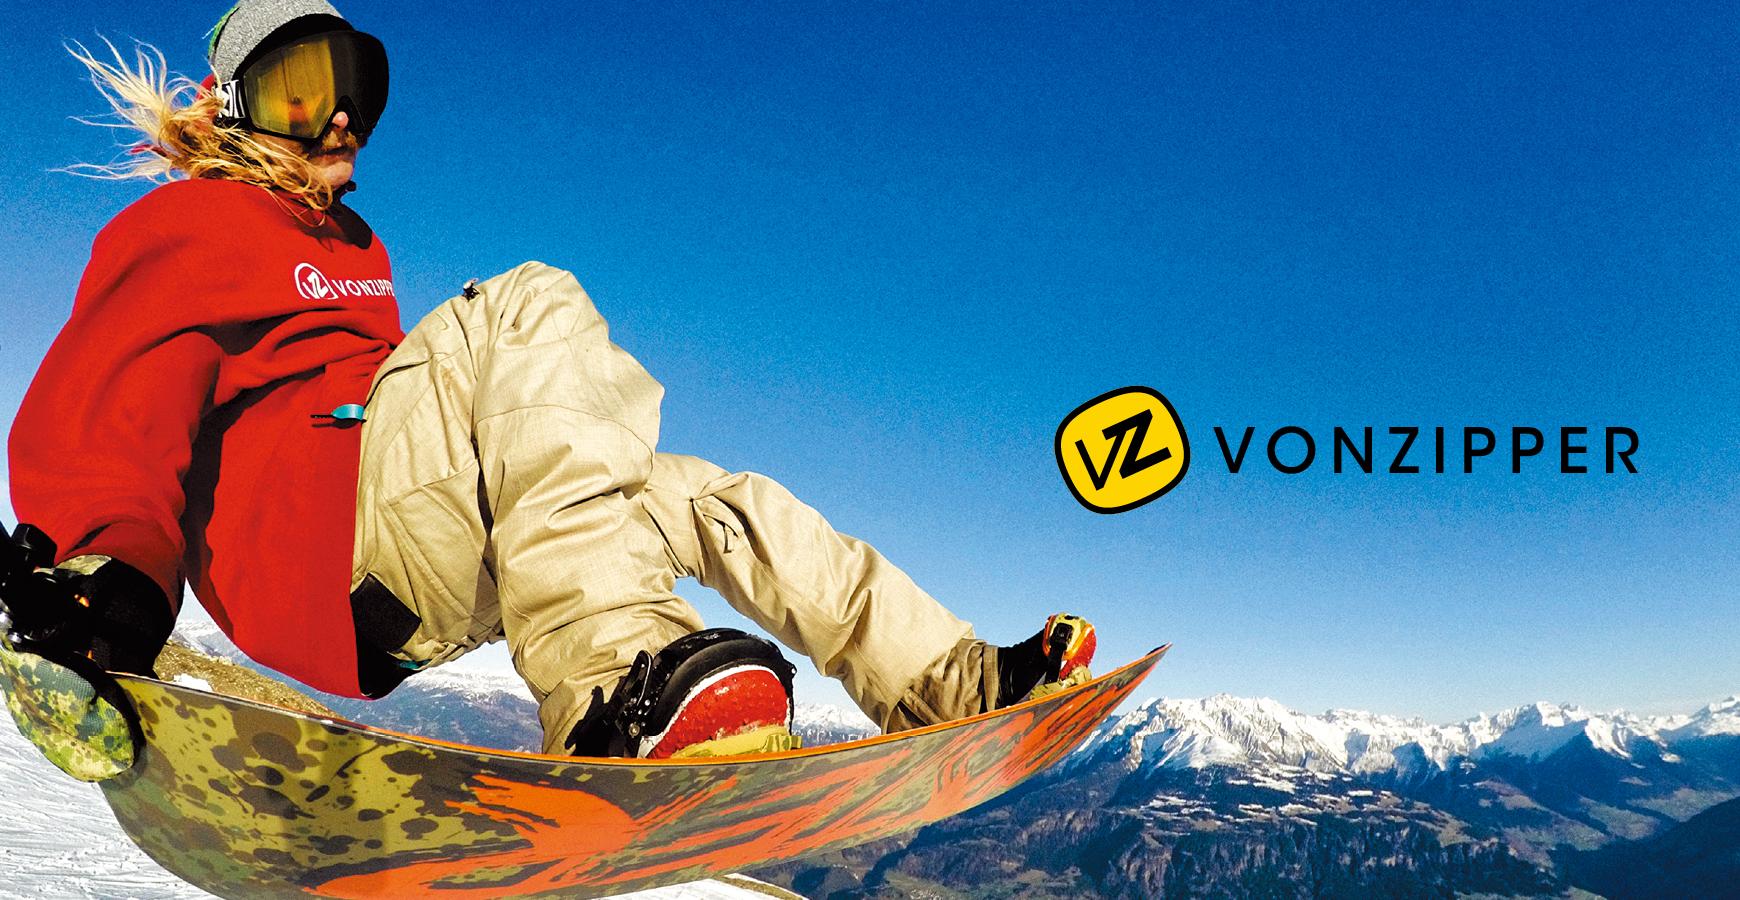 VONZIPPER SNOW